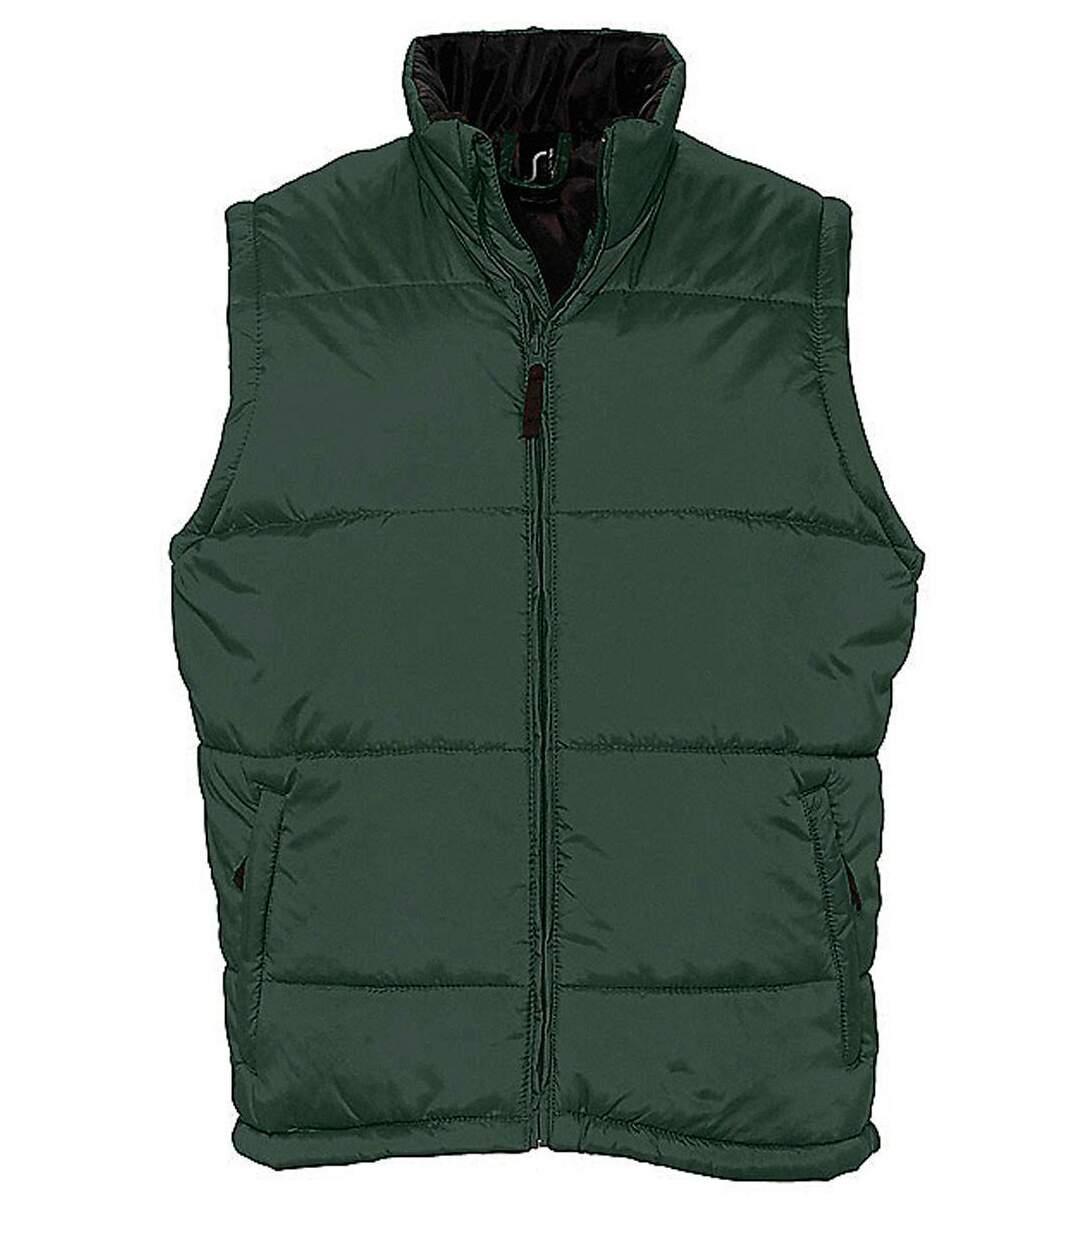 Doudoune veste sans manches matelassée - 44002 - vert